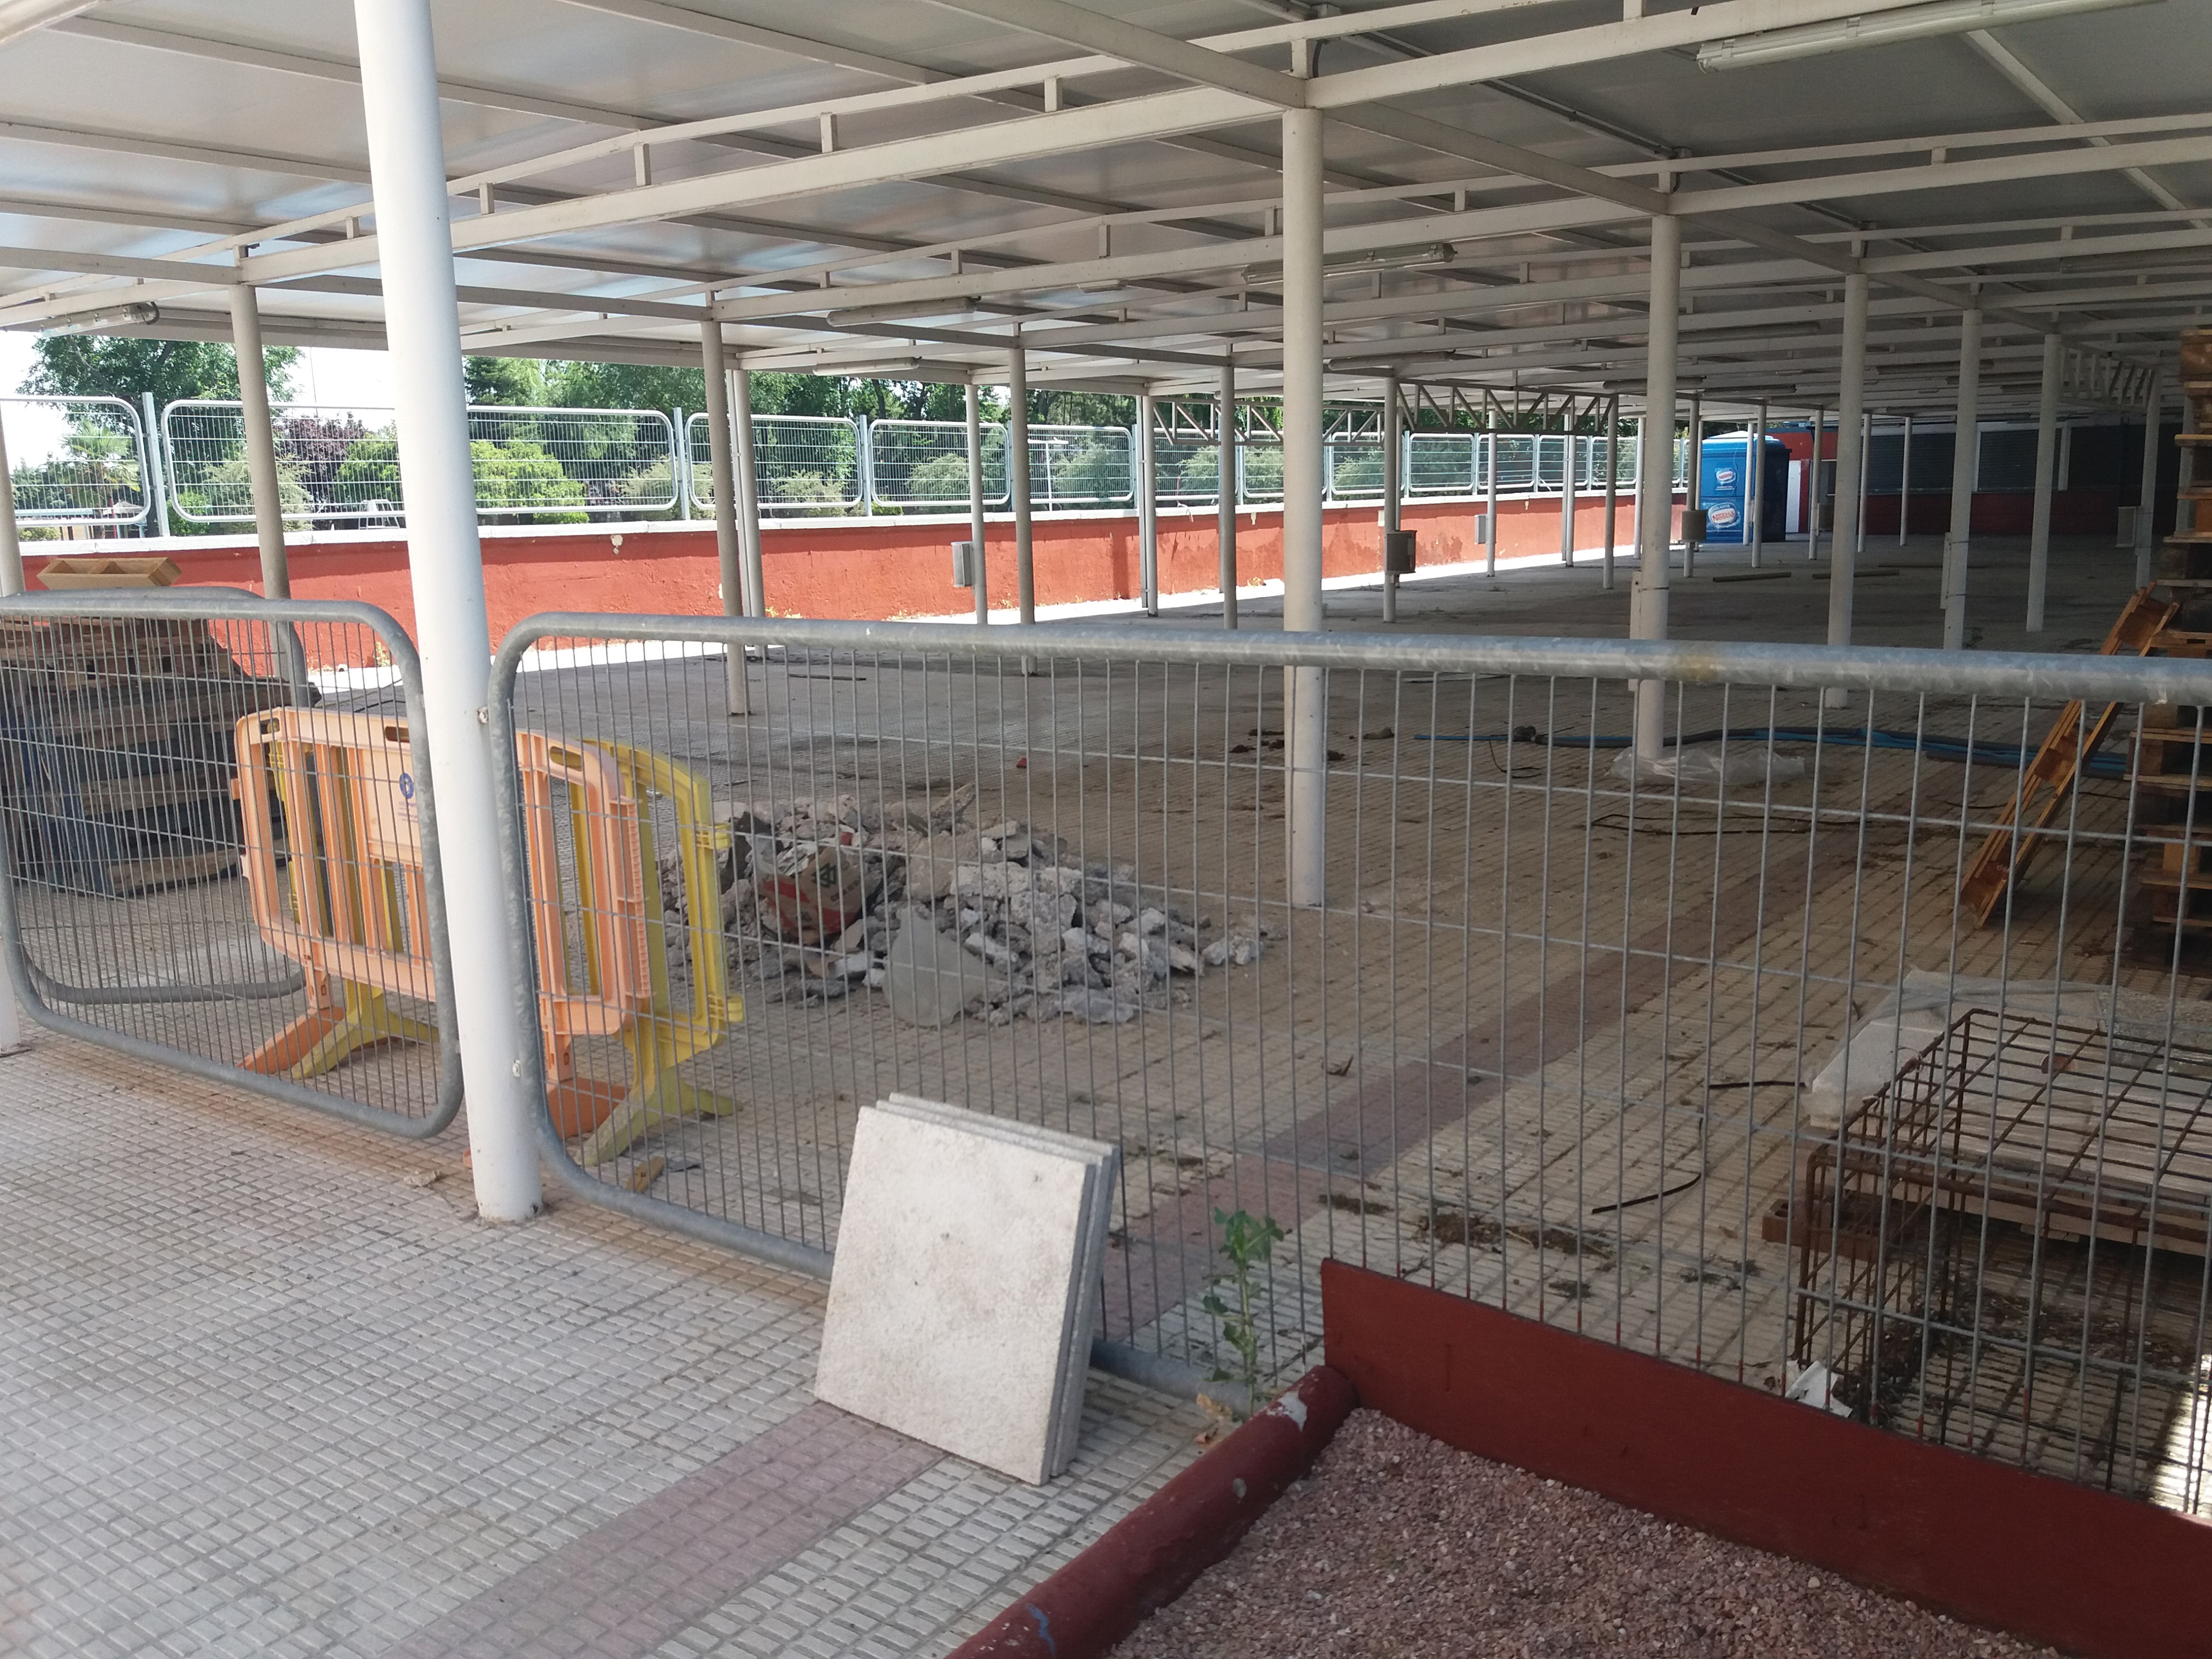 La piscina municipal hace aguas con la gesti n de ganemos for Piscina municipal fuenlabrada 2017